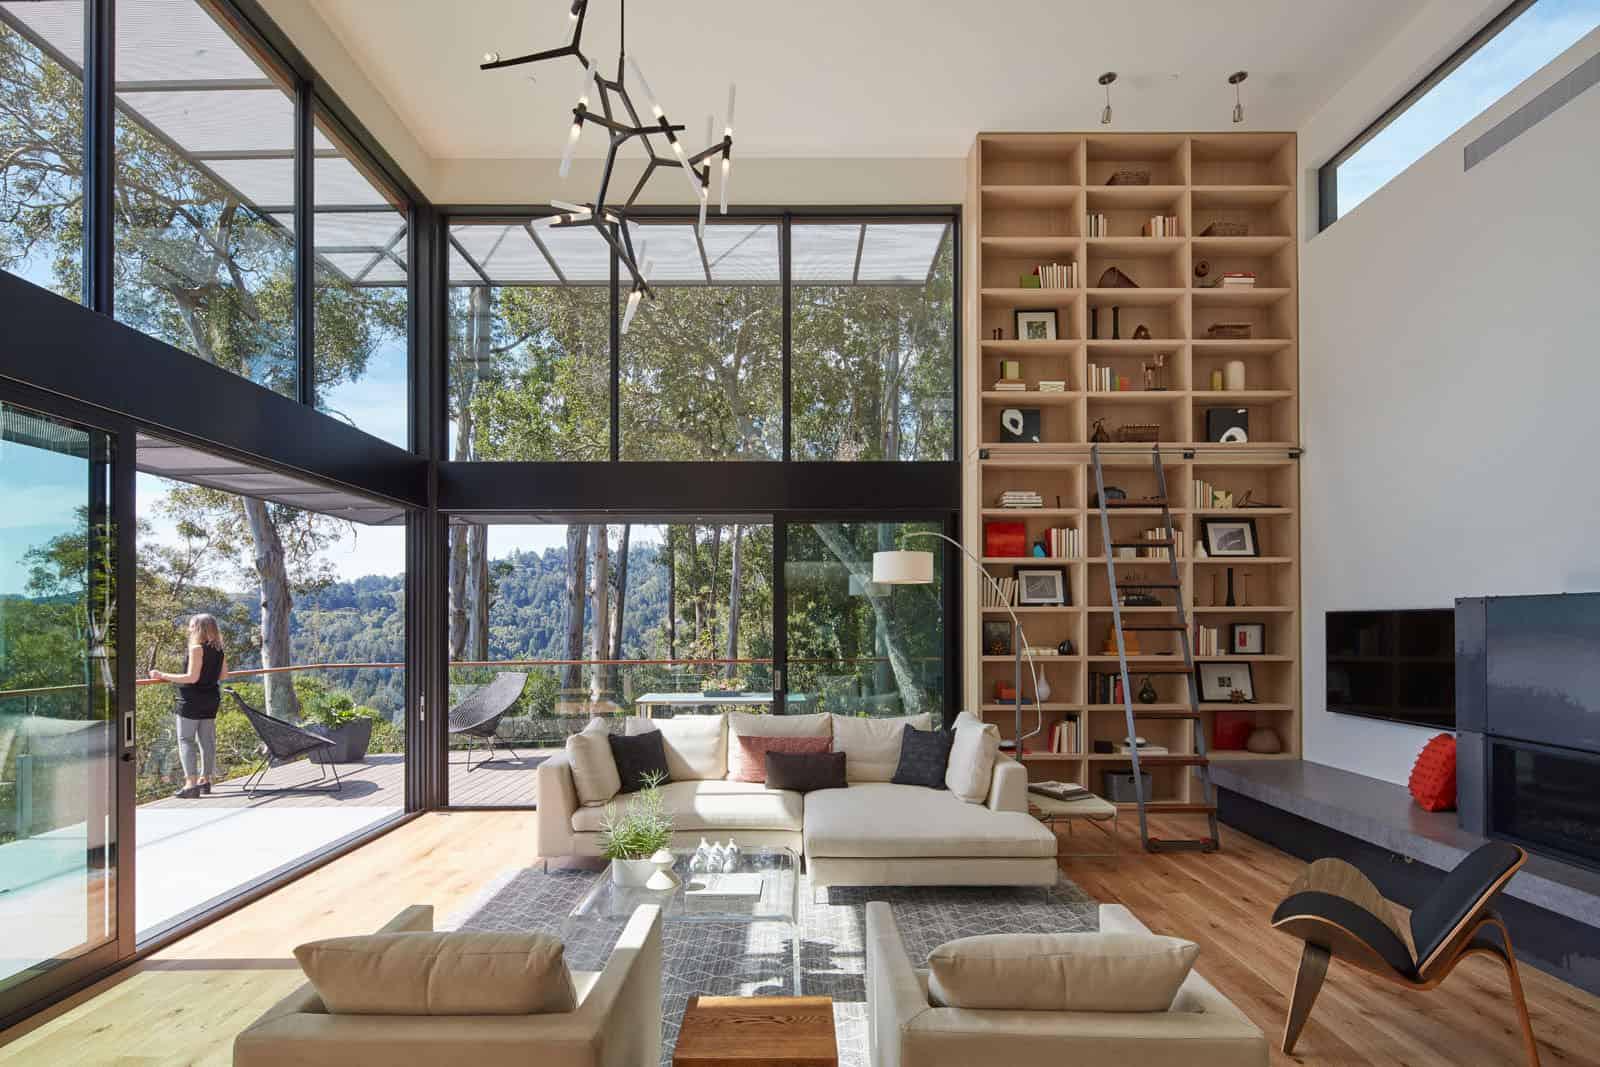 Zack De Vito Architecture Construction Designs A Hillside House In The Mill Valley